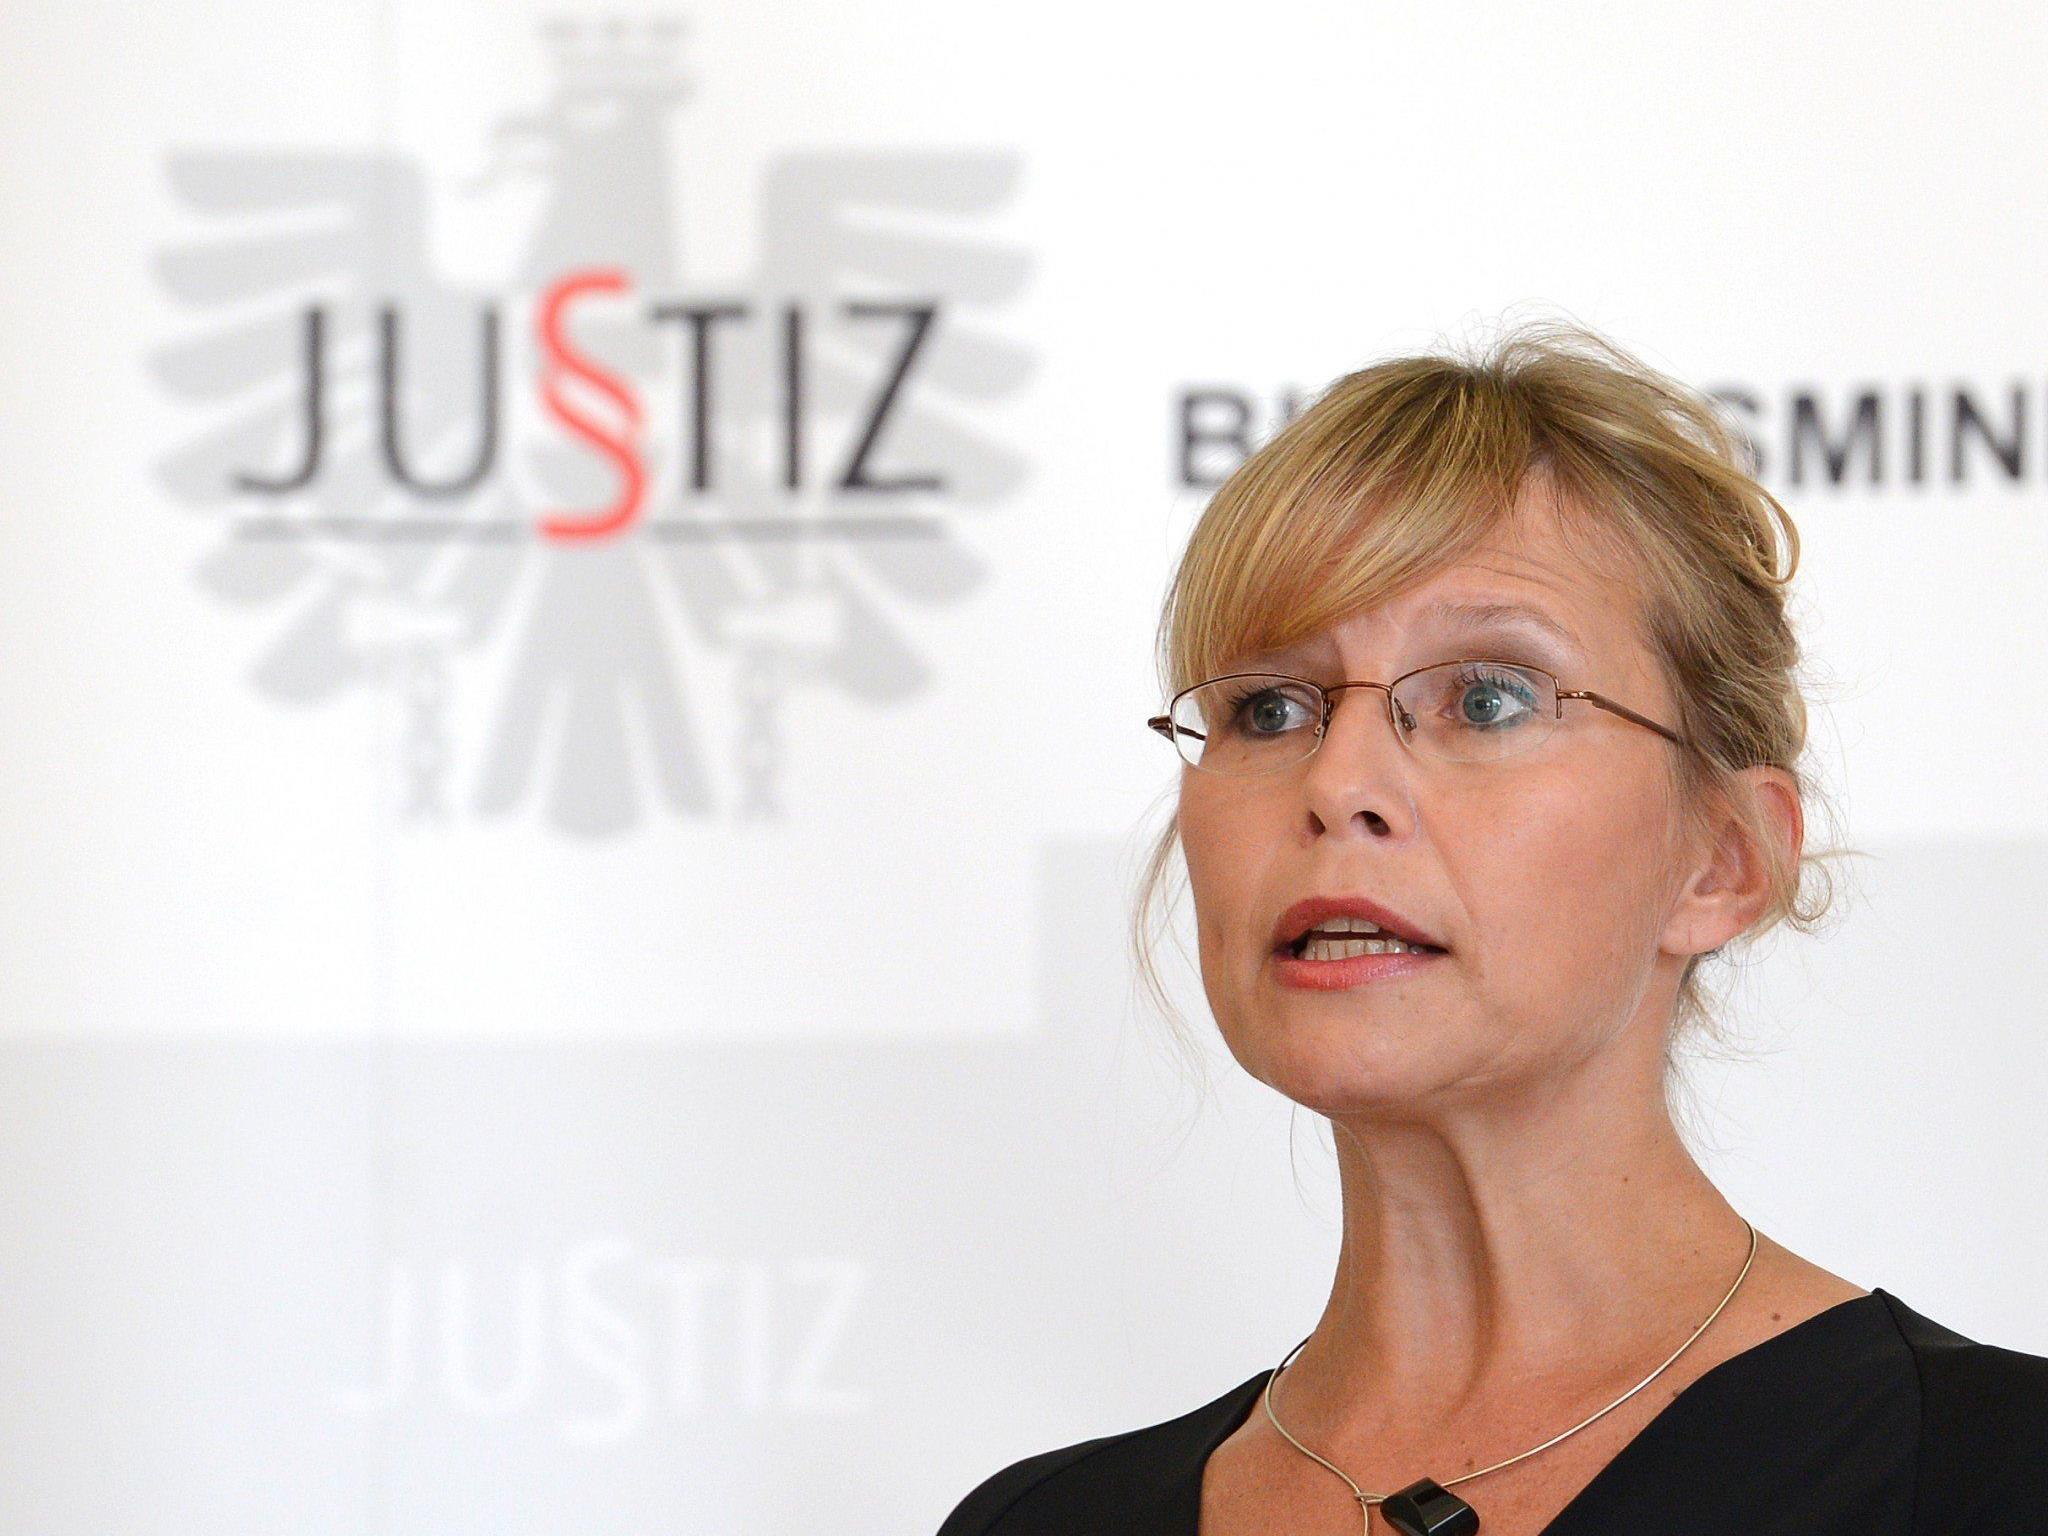 Für Justizministerin Beatrix Karl steht eine Wiedereinführung der Todesstrafe nicht zur Diskussion.